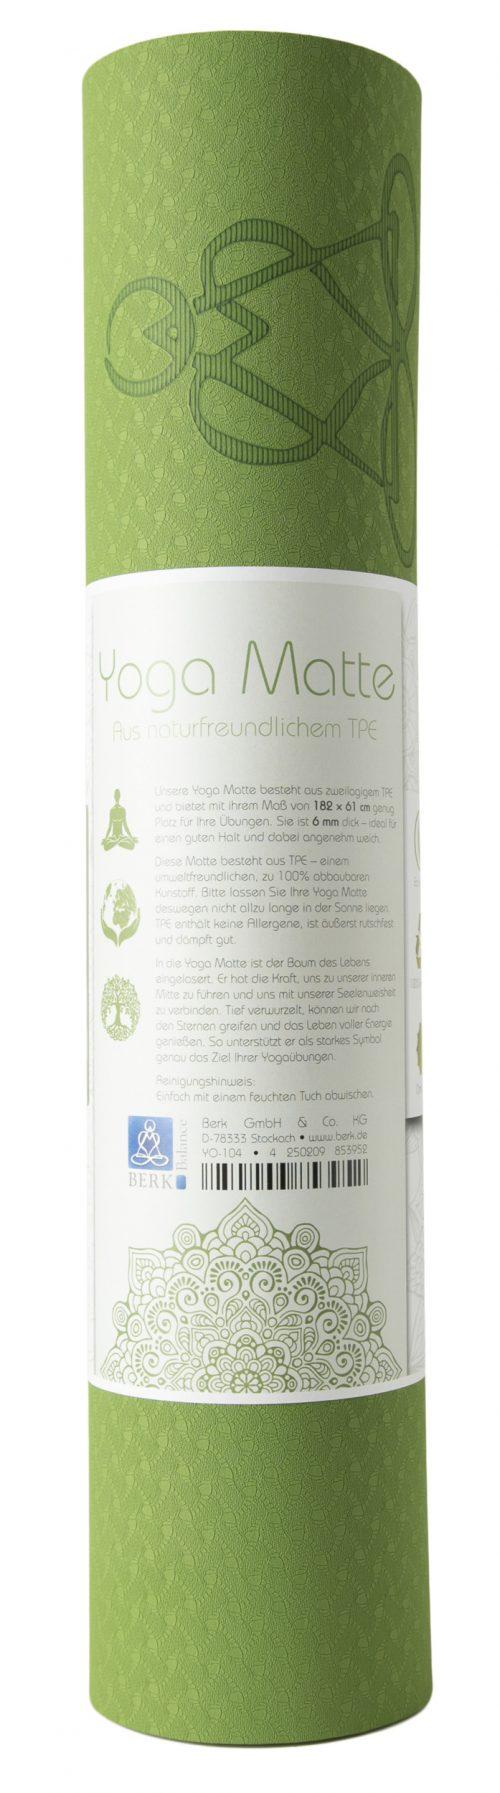 Eingerollte hellgrüne Yogamatte.